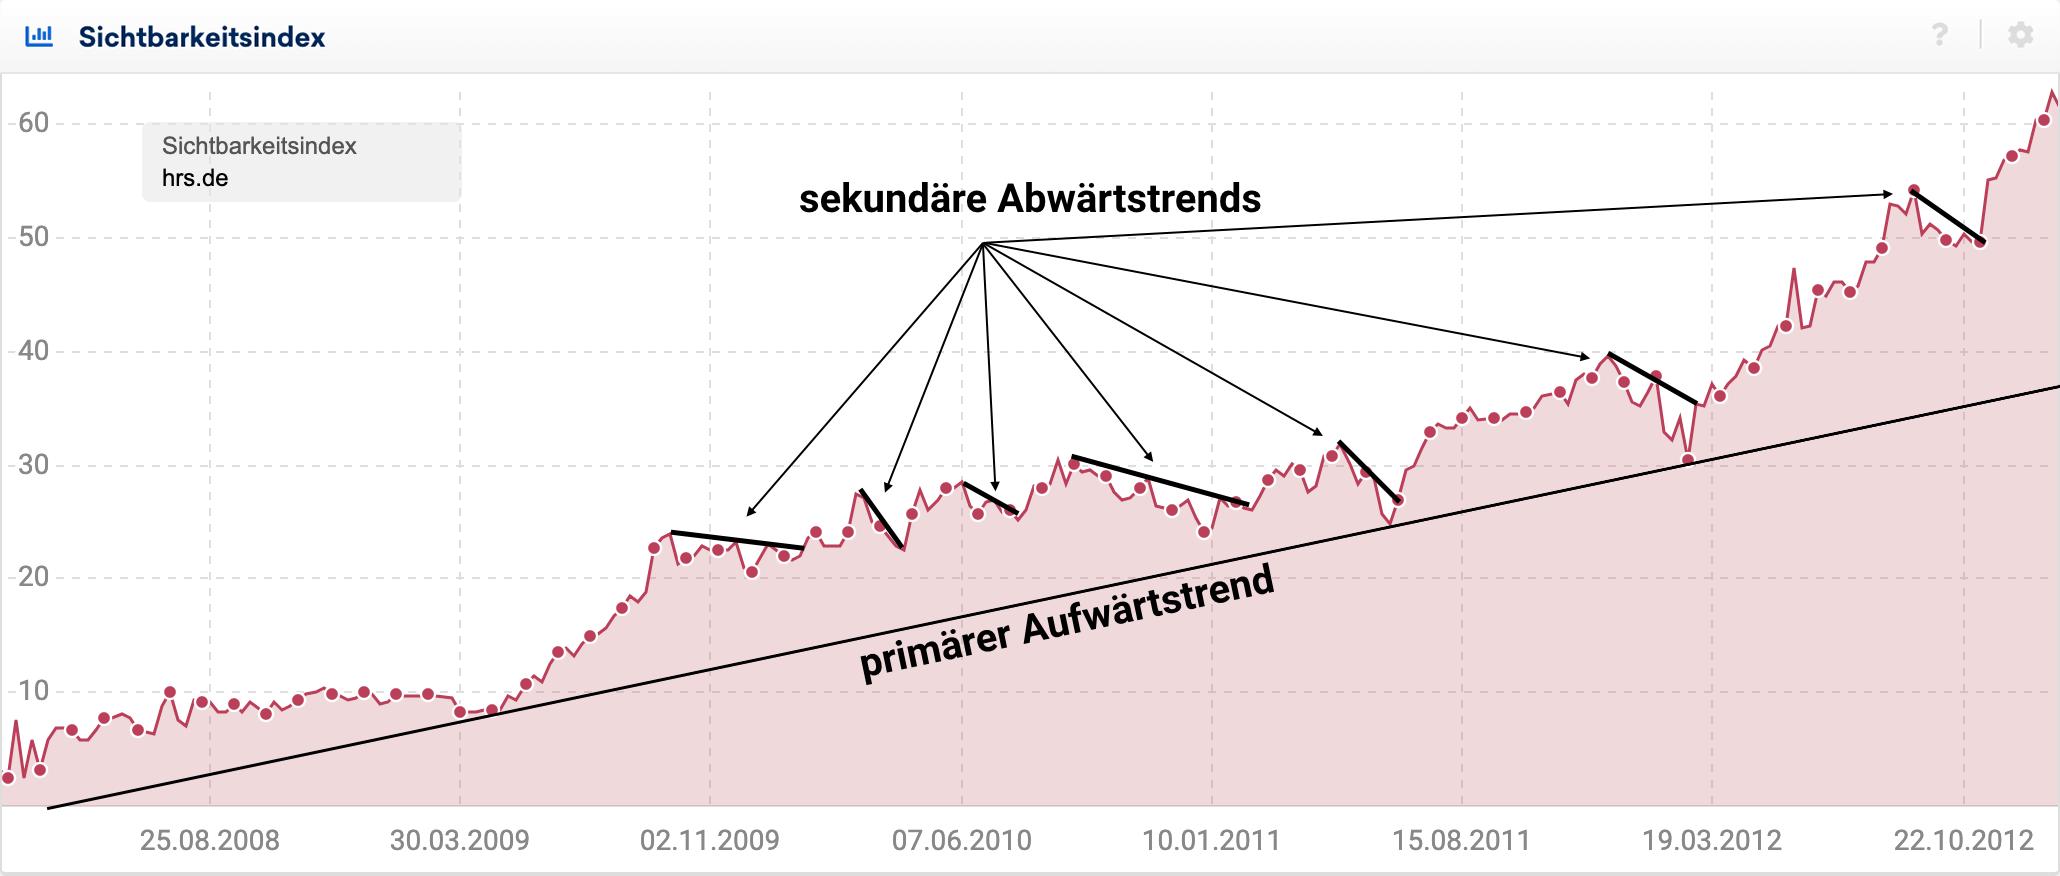 Sichtbarkeitsindexverlauf für hrs.de bis Ende 2012. Eingezeichnet sind eine primäre Aufwärtstrendlinien sowi sekundäre Abwärtstrends während des globalen Aufwärtstrends.